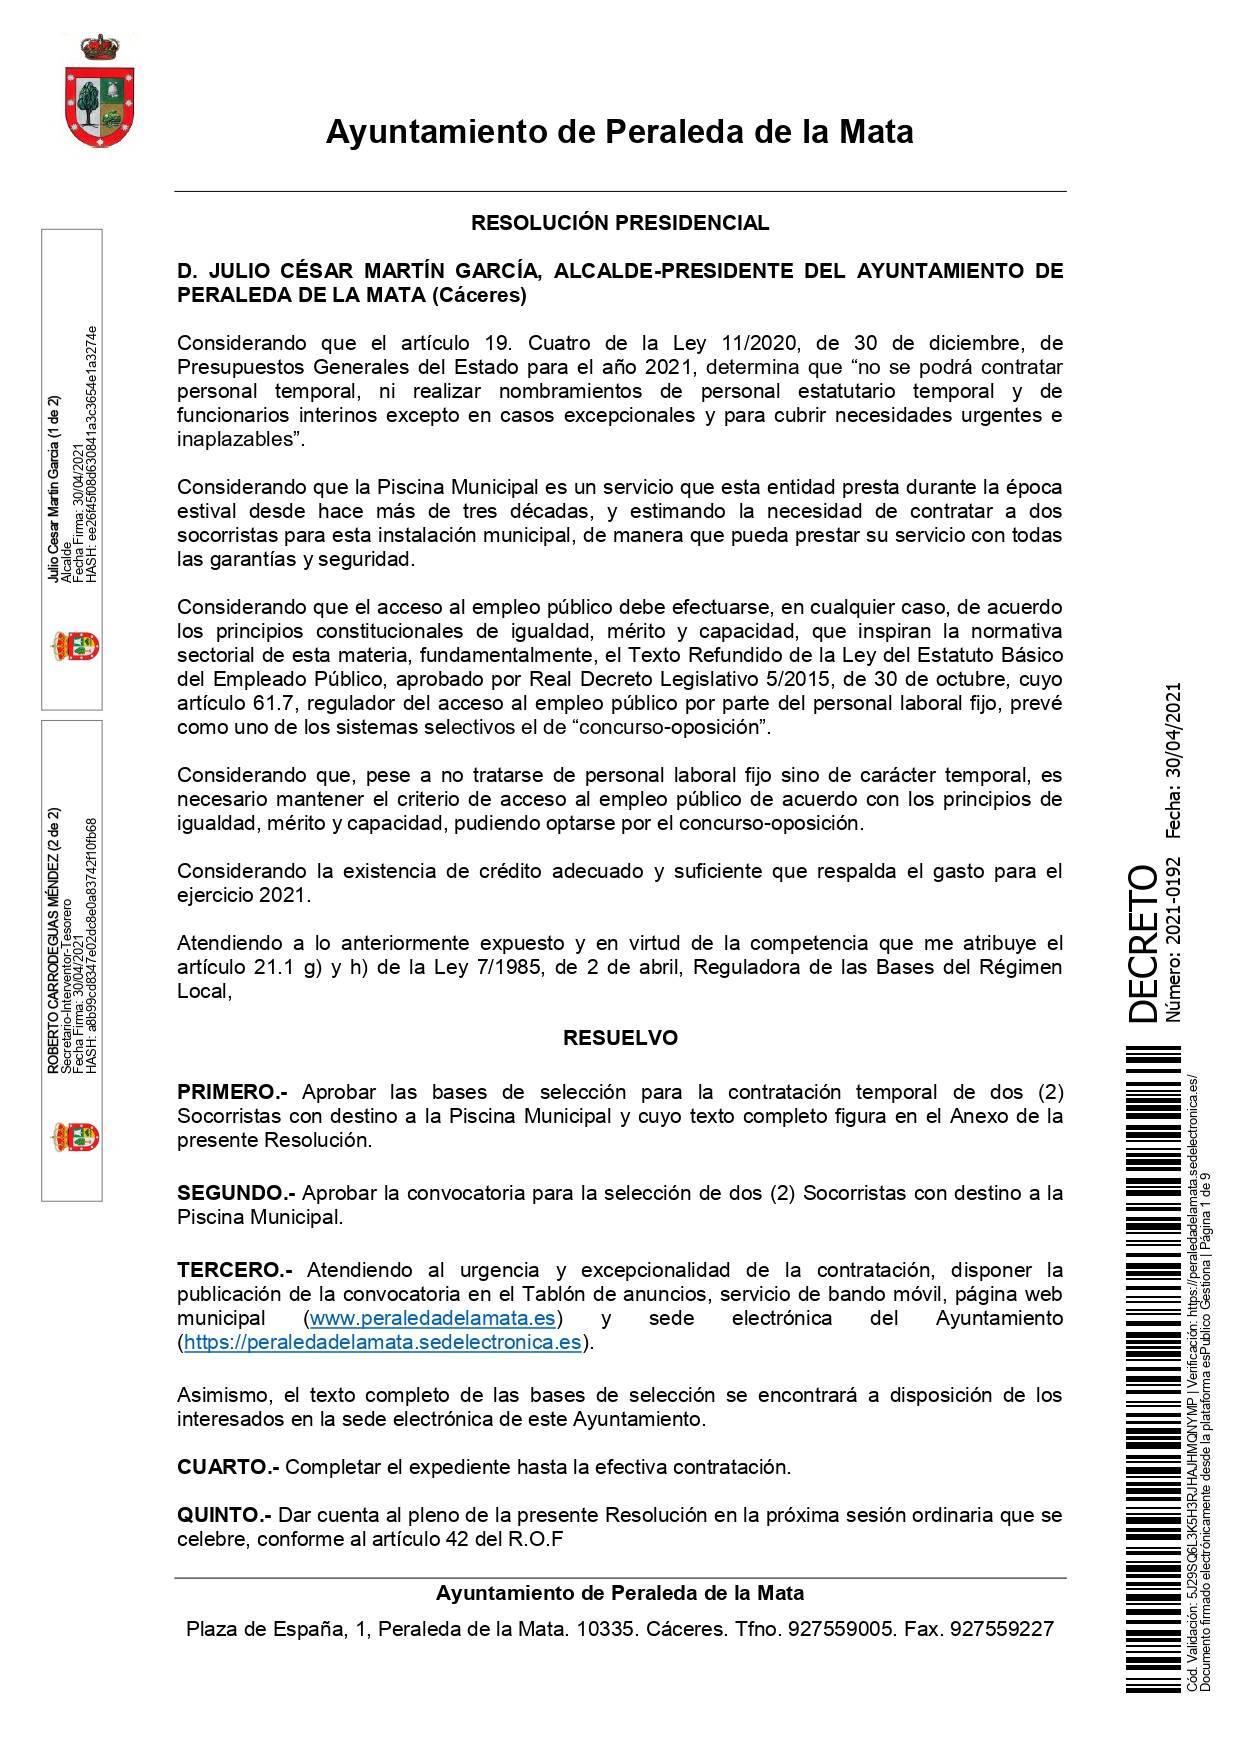 2 socorristas para la piscina municipal (2021) - Peraleda de la Mata (Cáceres) 1